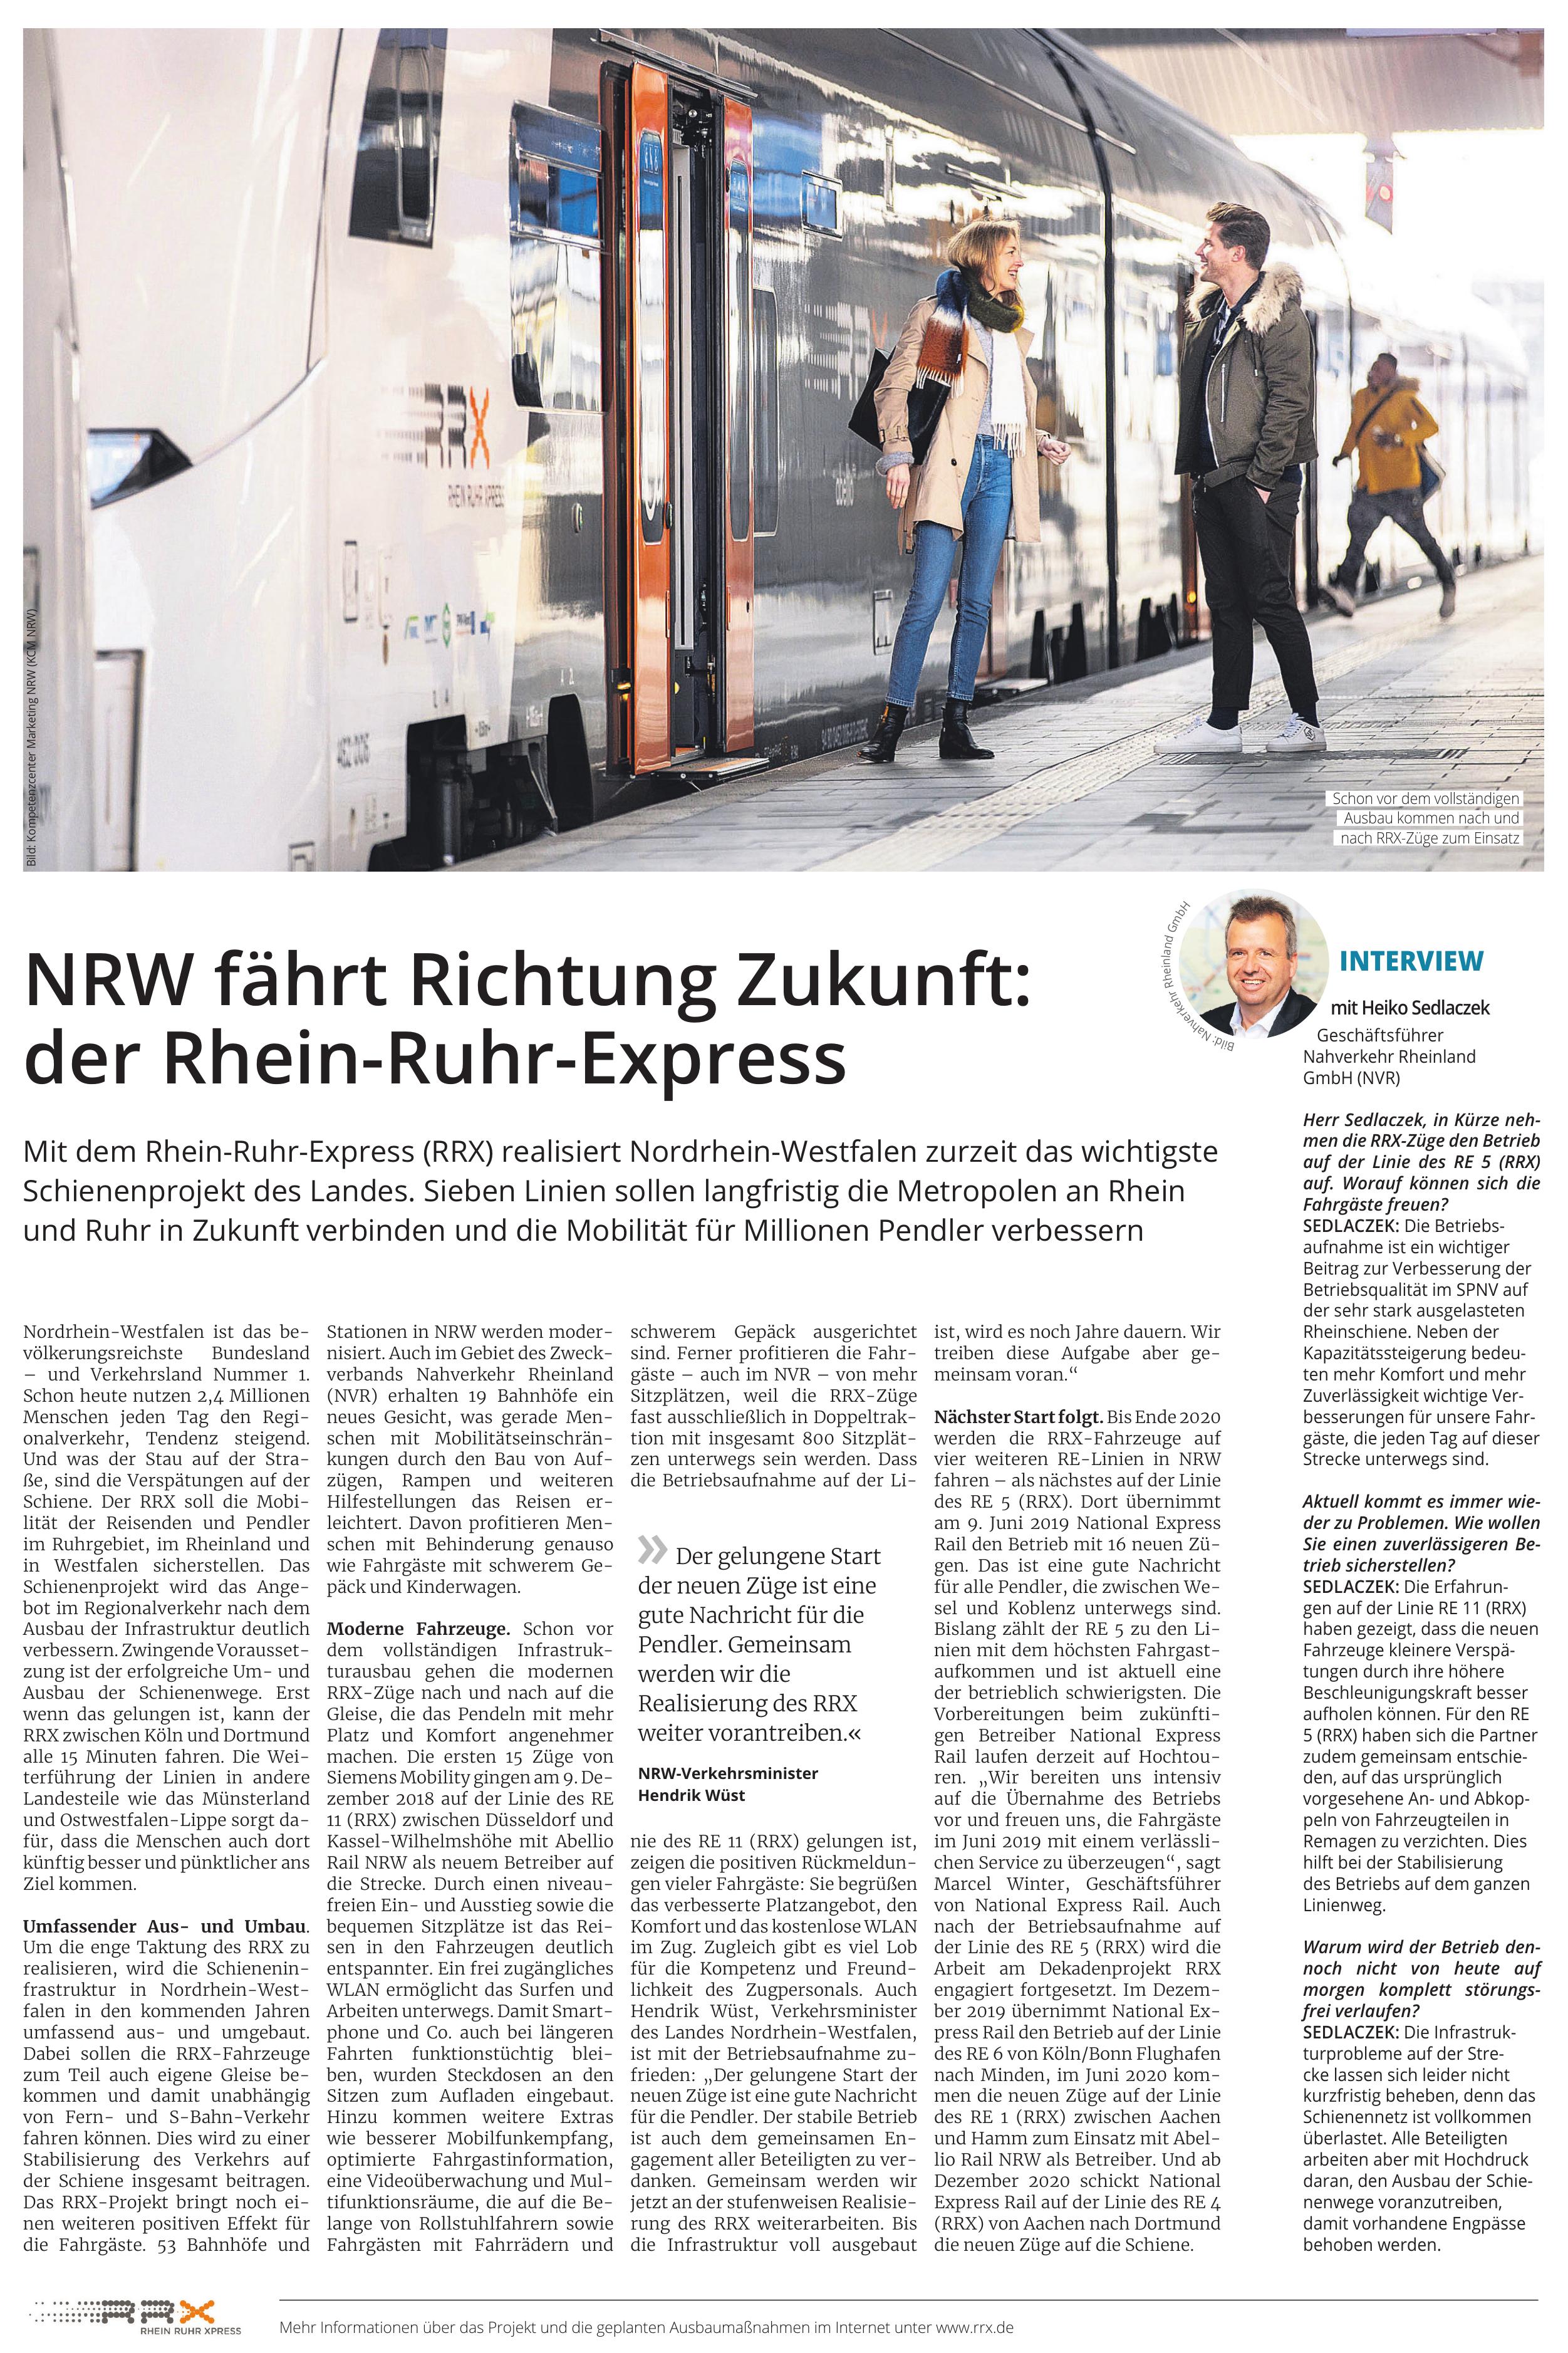 RRX Rhein Ruhr Express